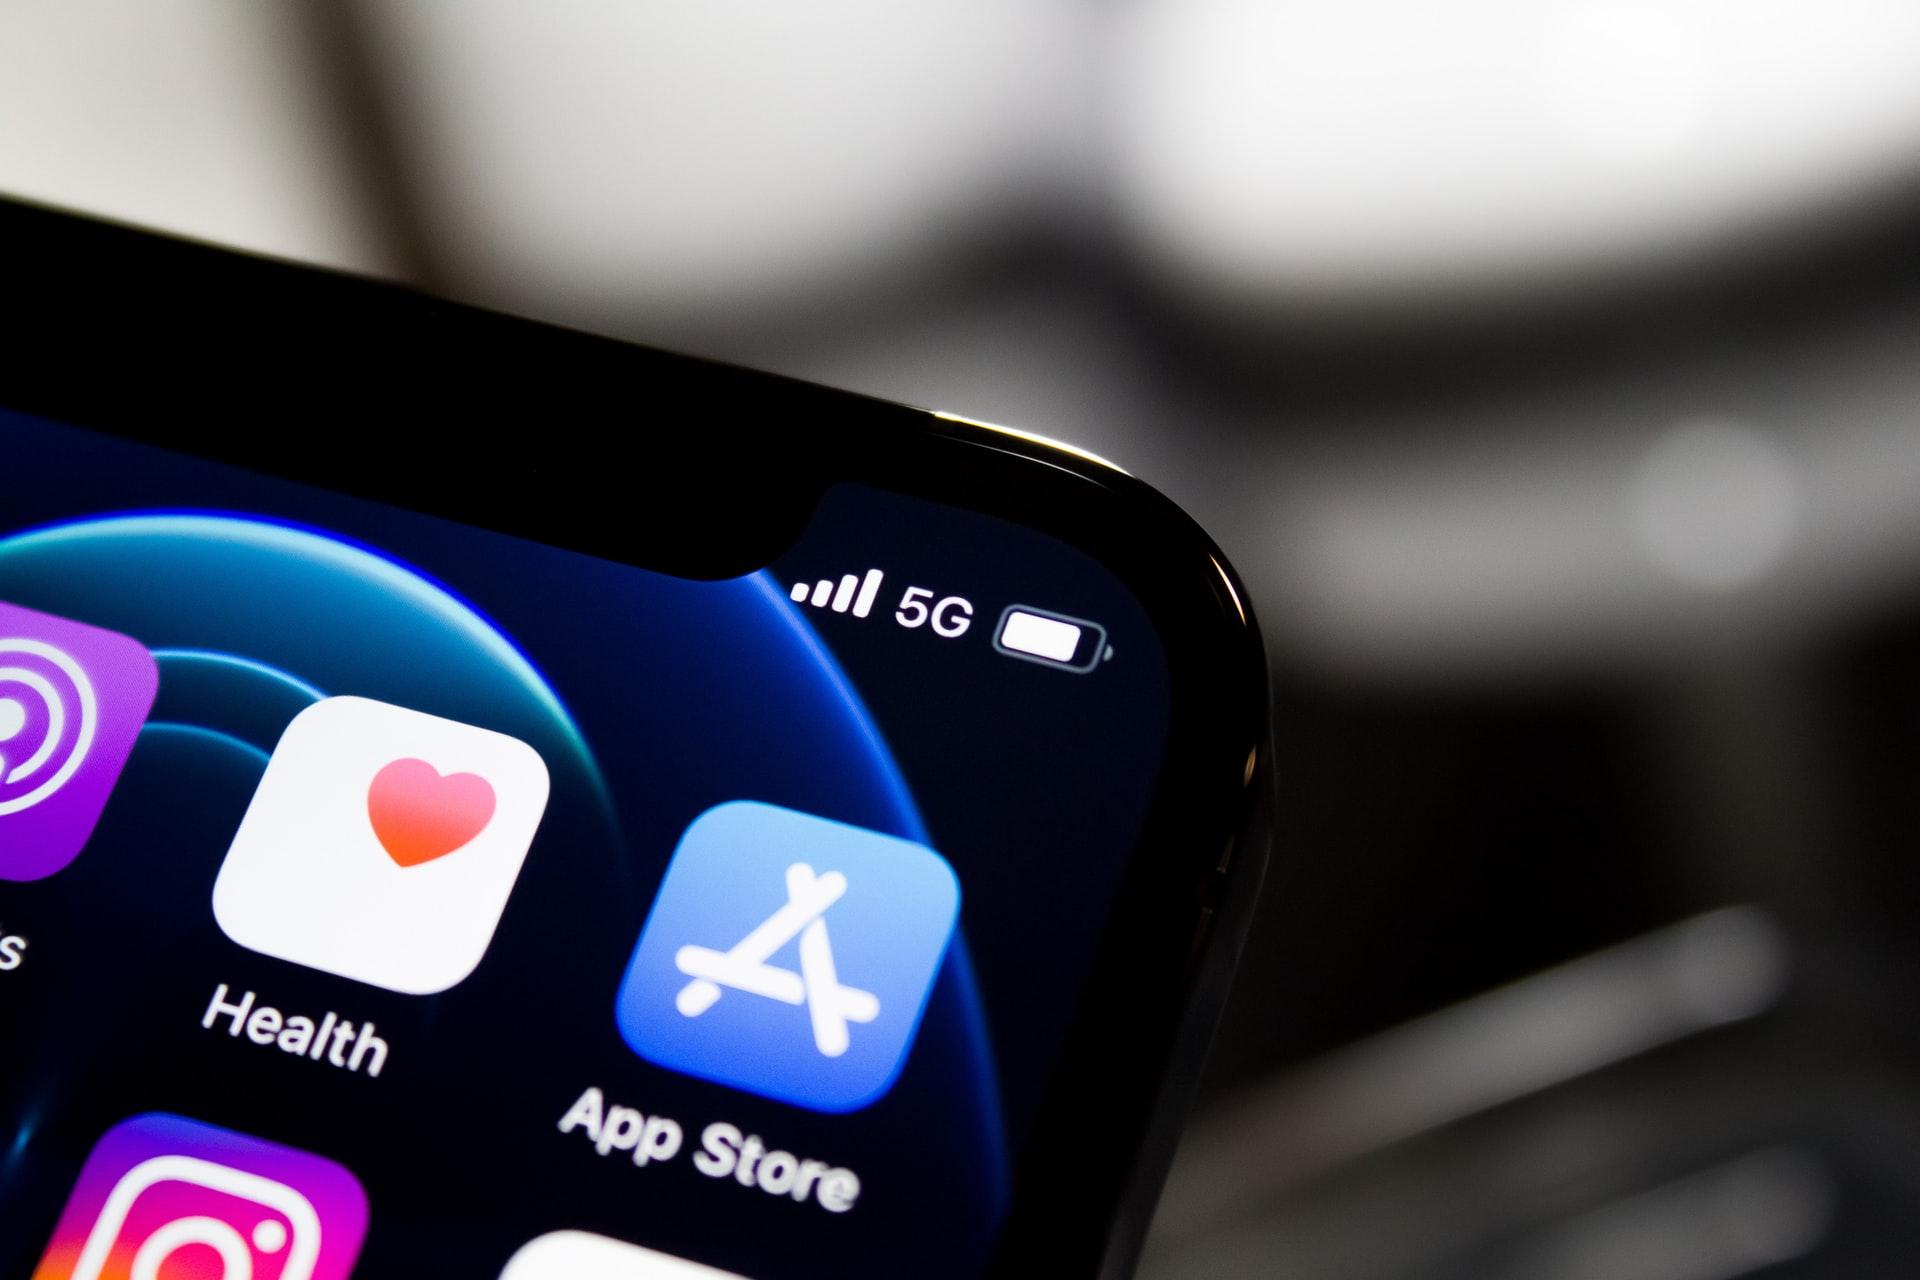 Apple объявила об изменениях в App Store: новые Правила общения, Фонд помощи малым разработчикам и многое другое